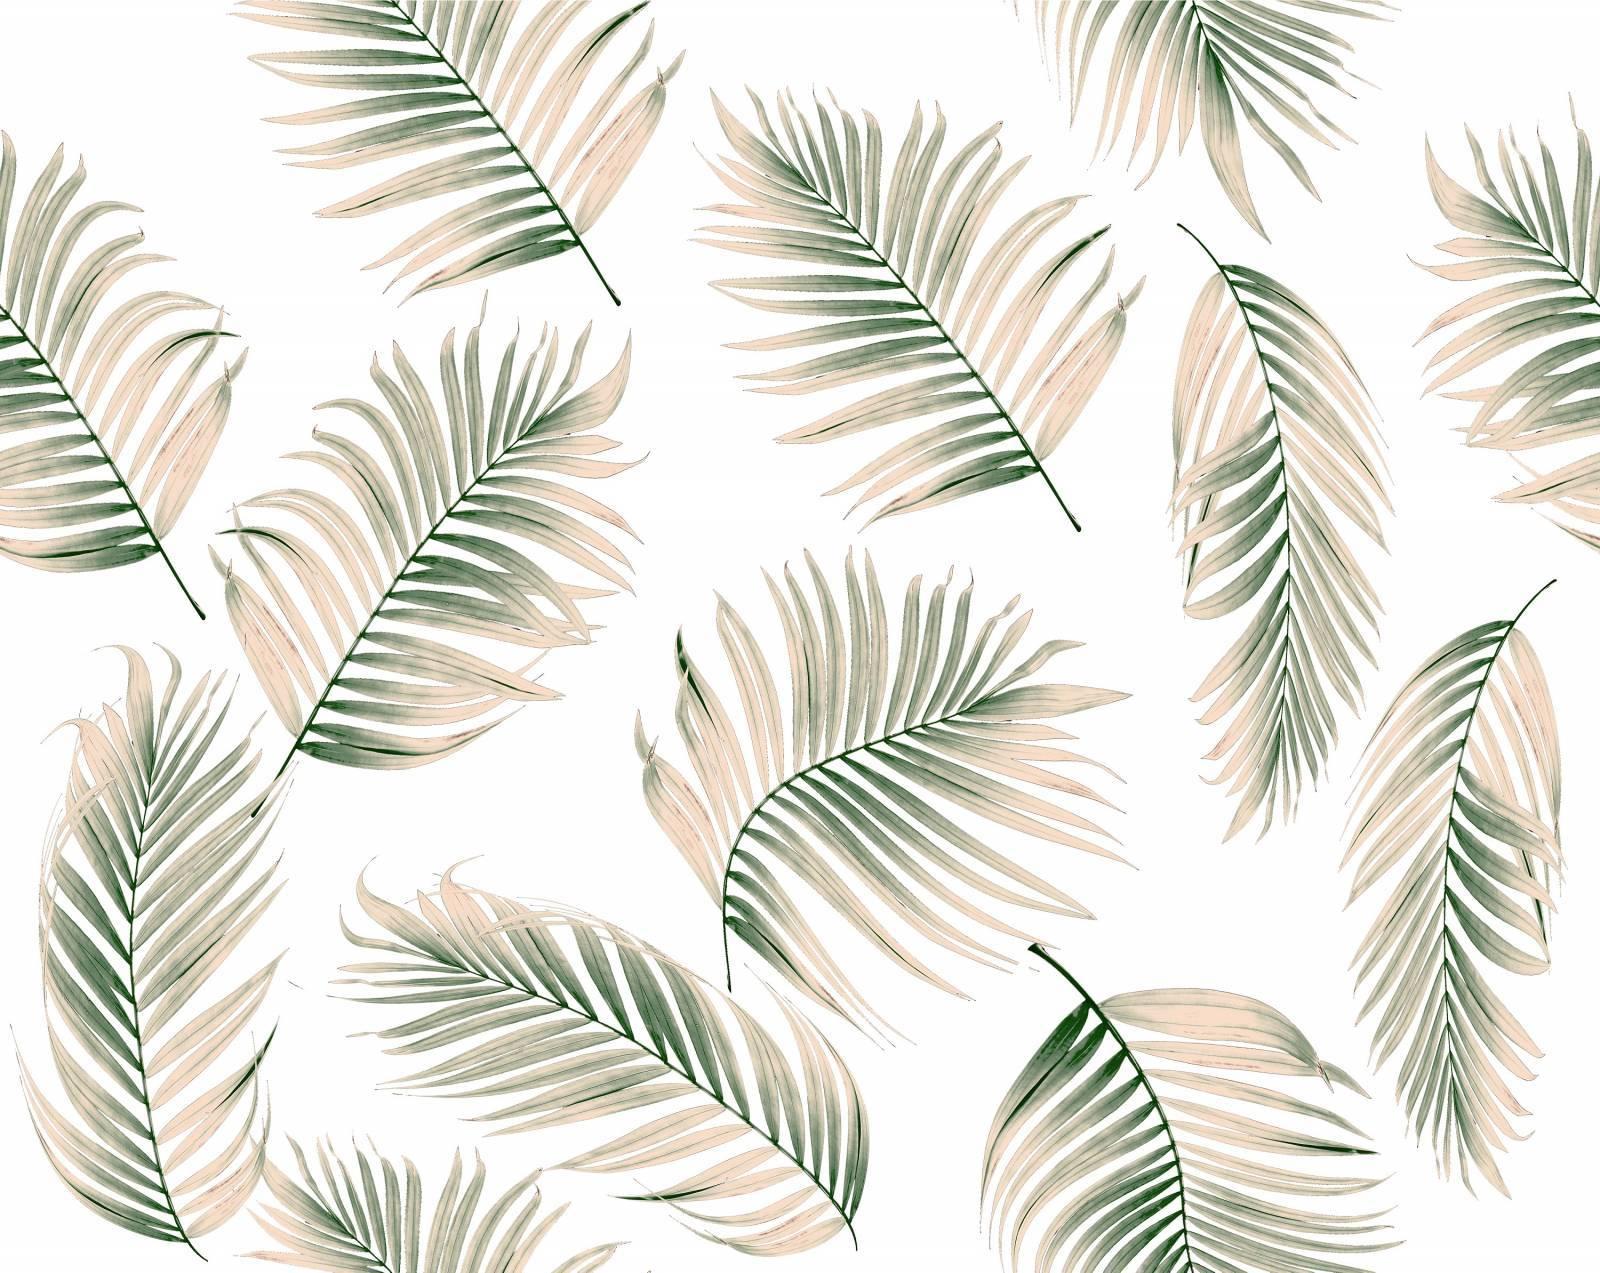 Papel de Parede Folha de Palmeira | Adesivo Vinílico imagem 1